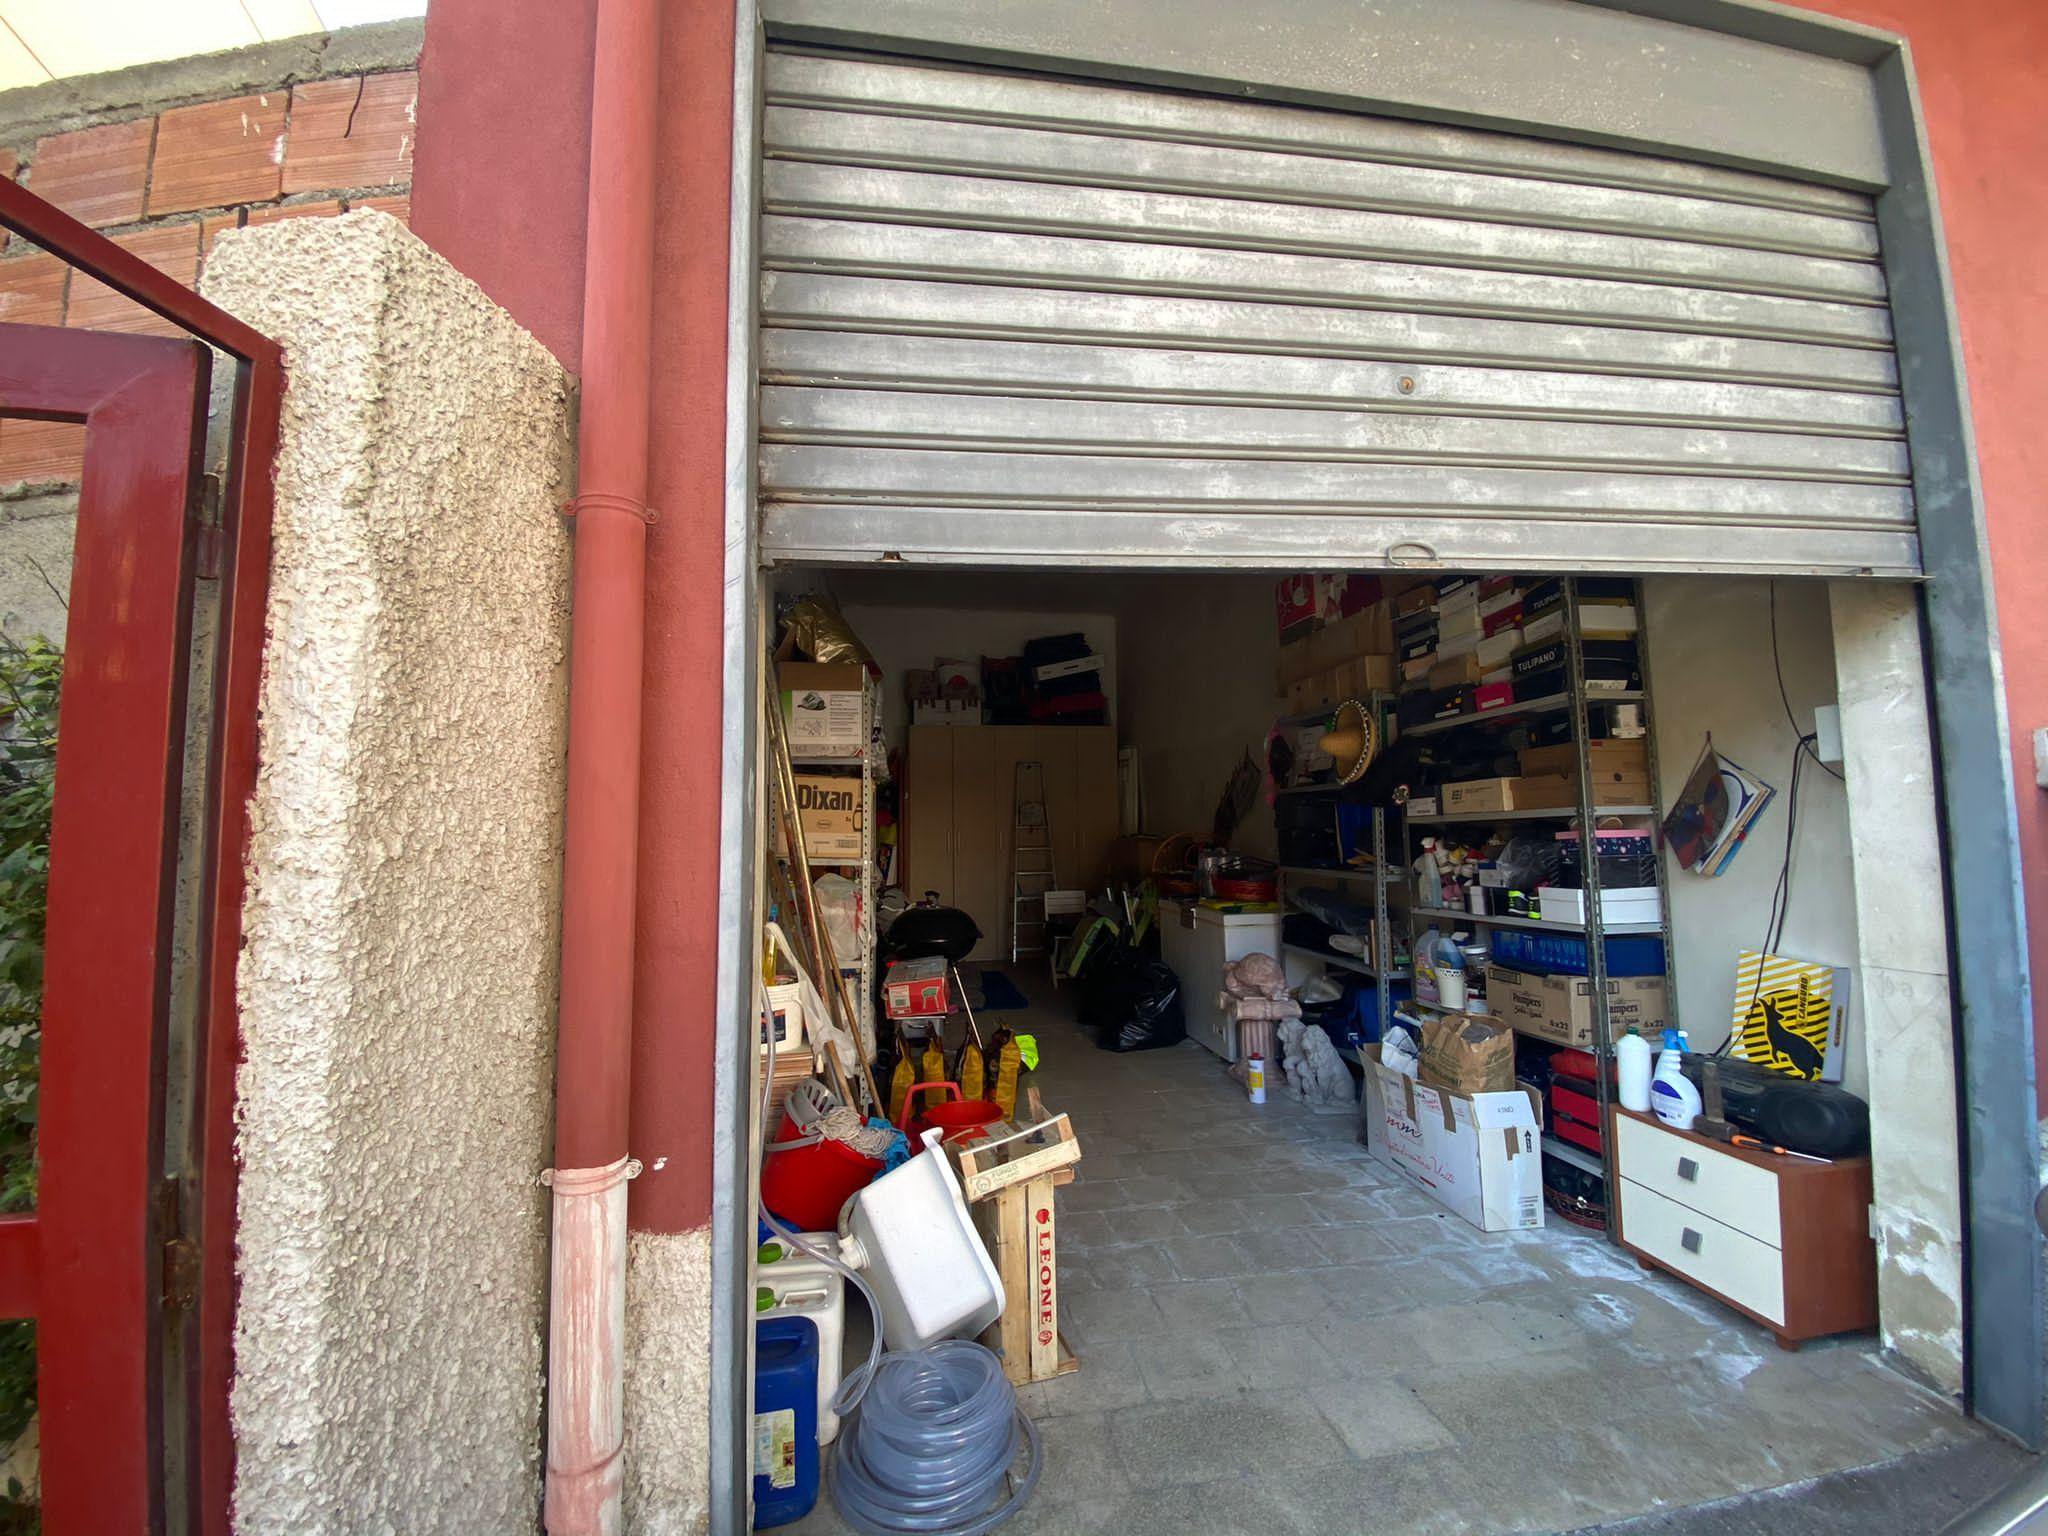 Svincolo San Filippo compl. 6 Stelle 4 vani più servizi più giardino e garage